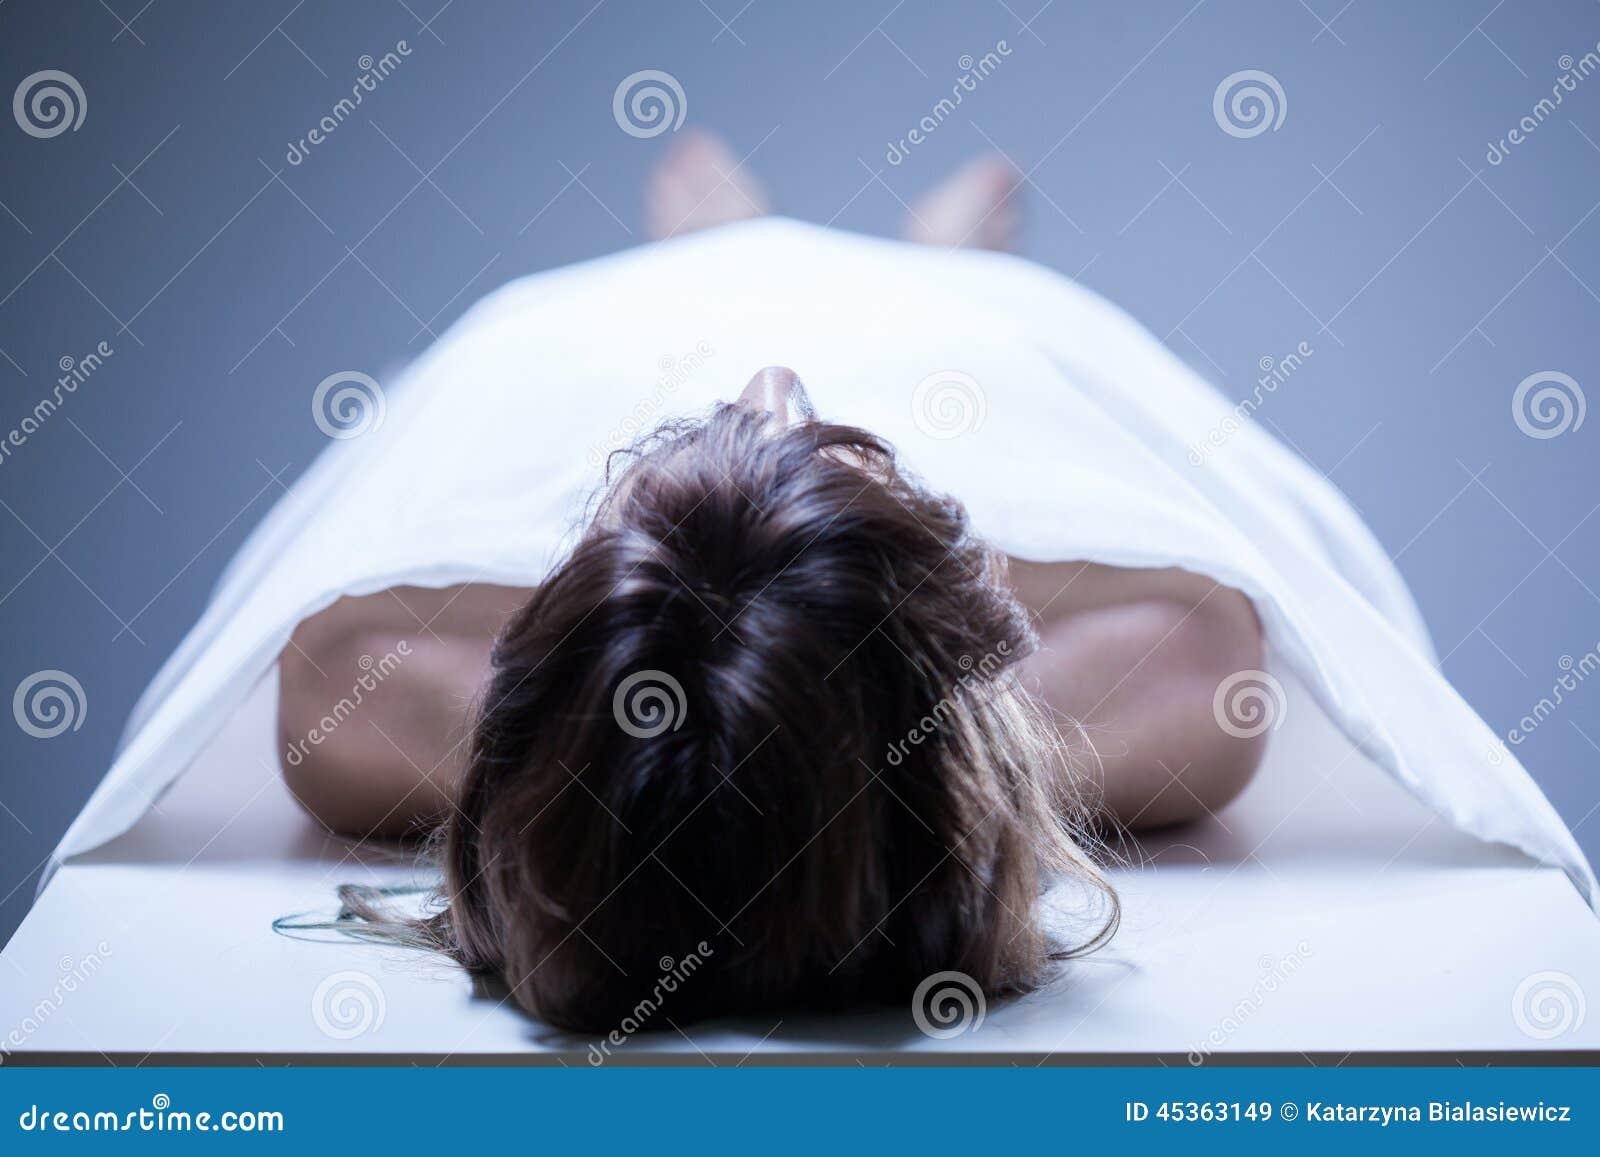 работница морга забеременела от трупа фелисити мармадью